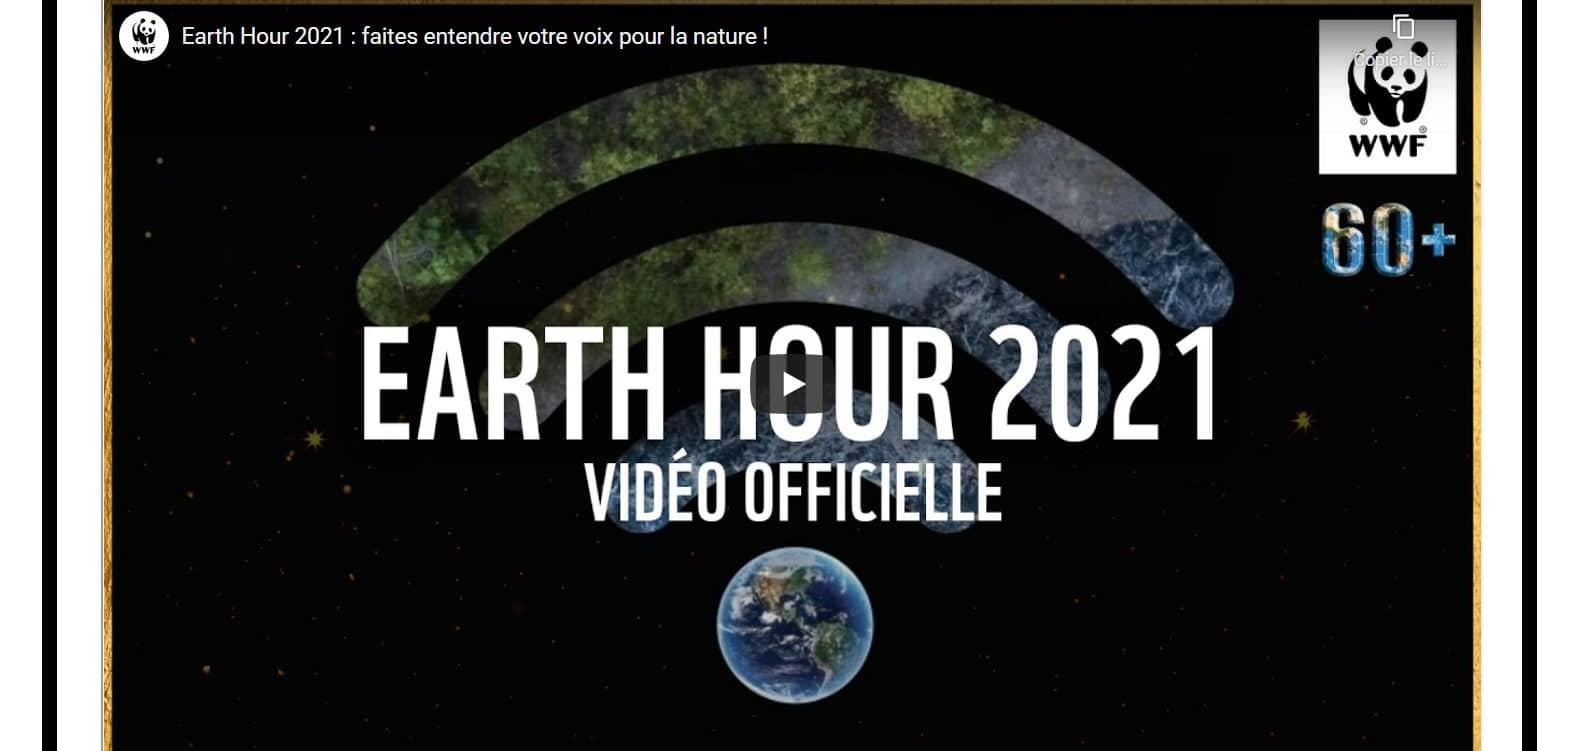 Earth Hour 2021 : 60 minutes pour les forêts